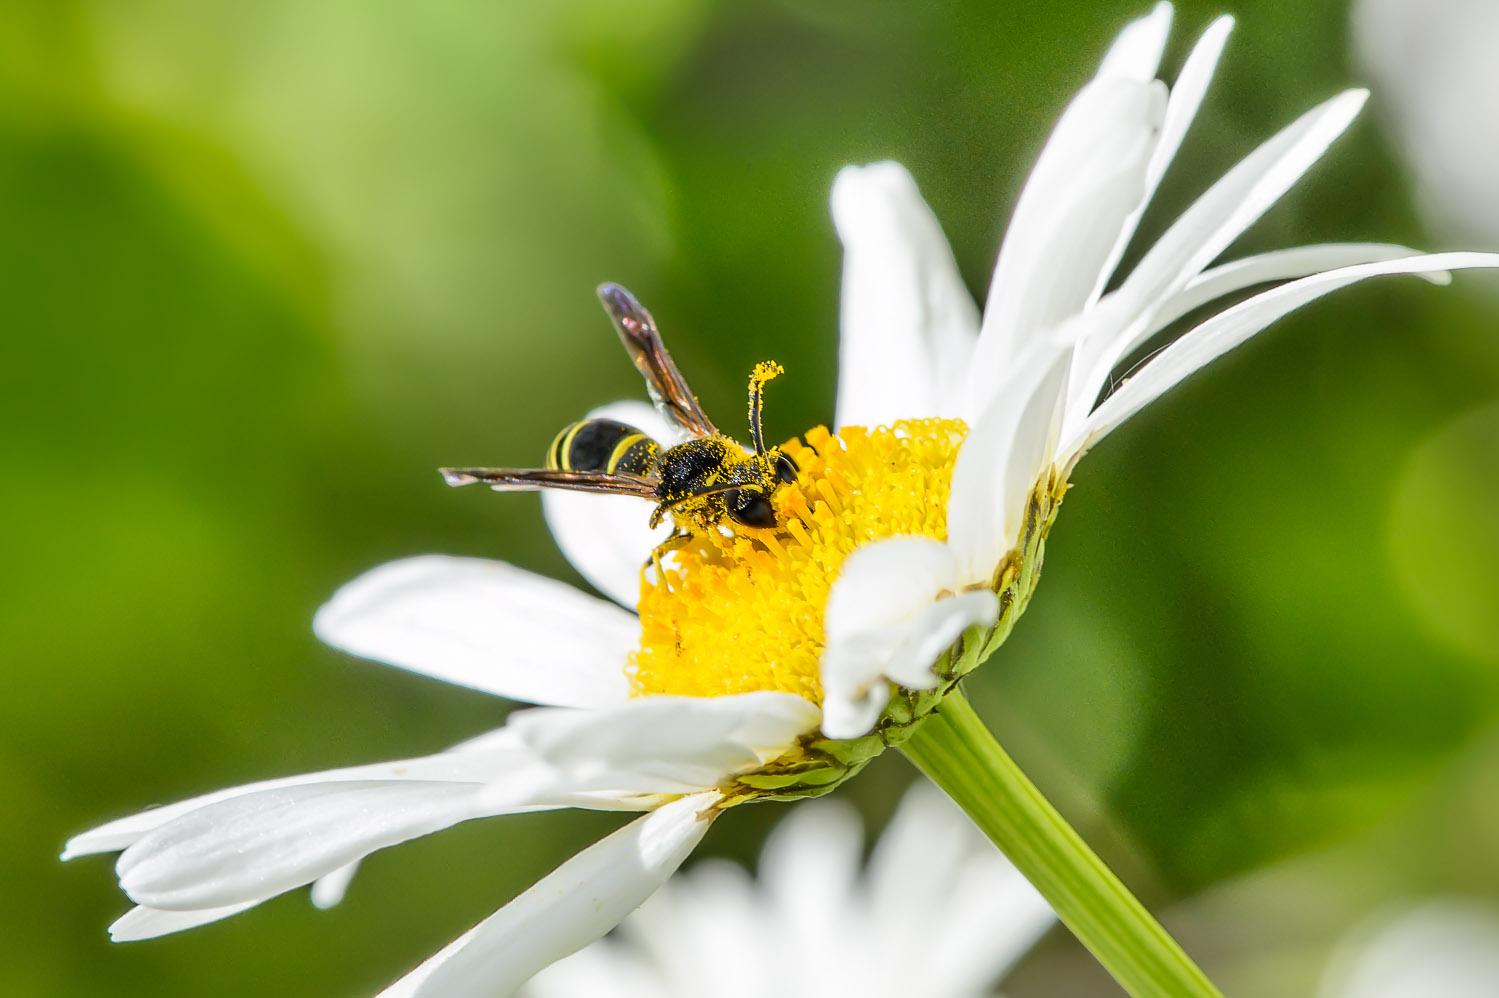 Quant à cette guêpe, elle se vautre dans le pollen!